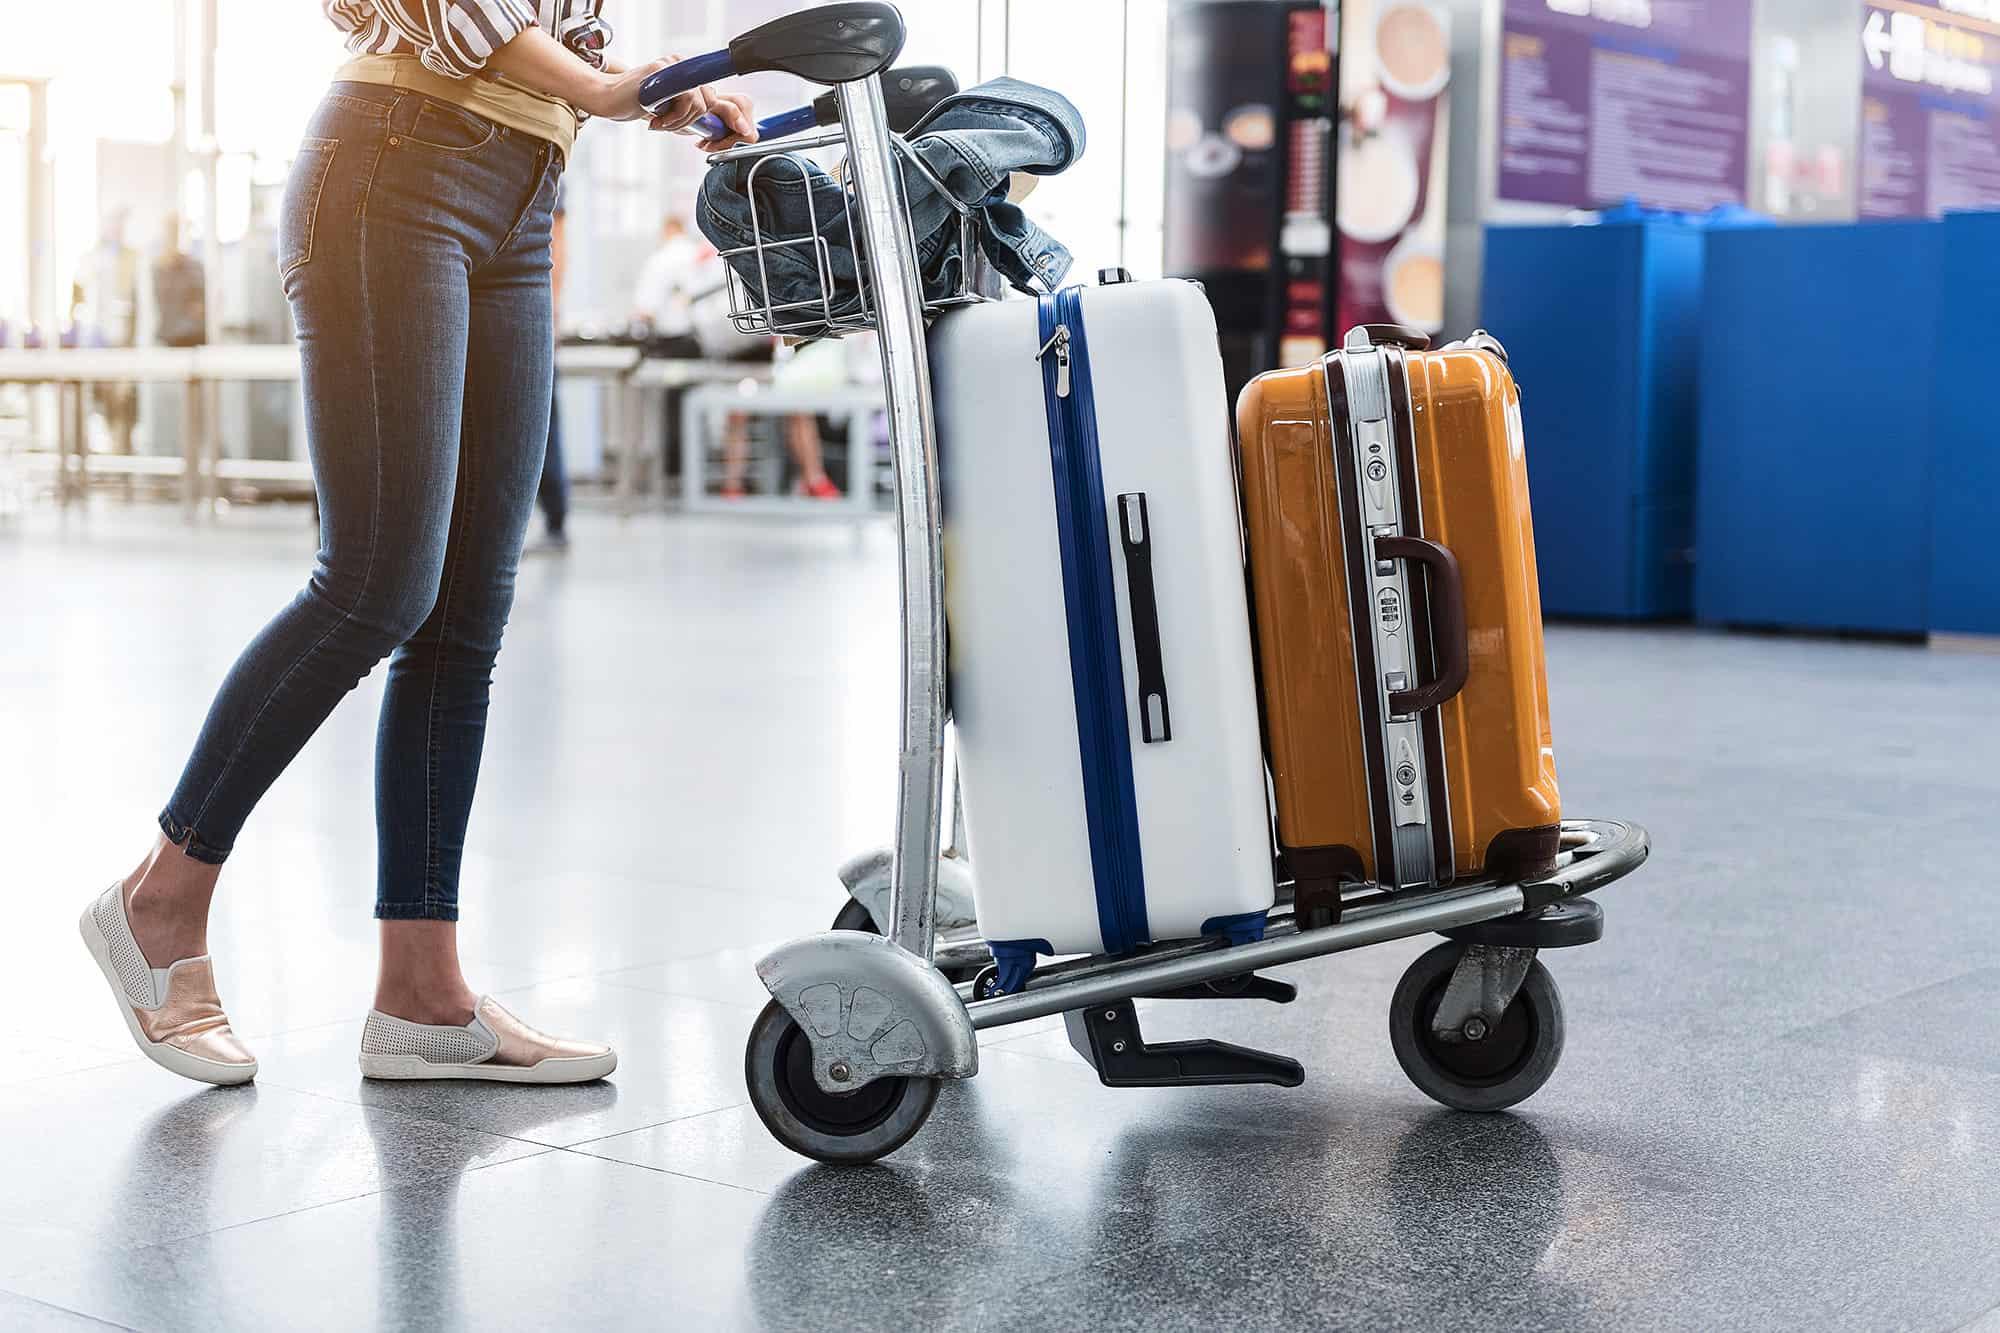 Reisegepäck bei TUI fly – Wissenswertes rund um Koffer & Co